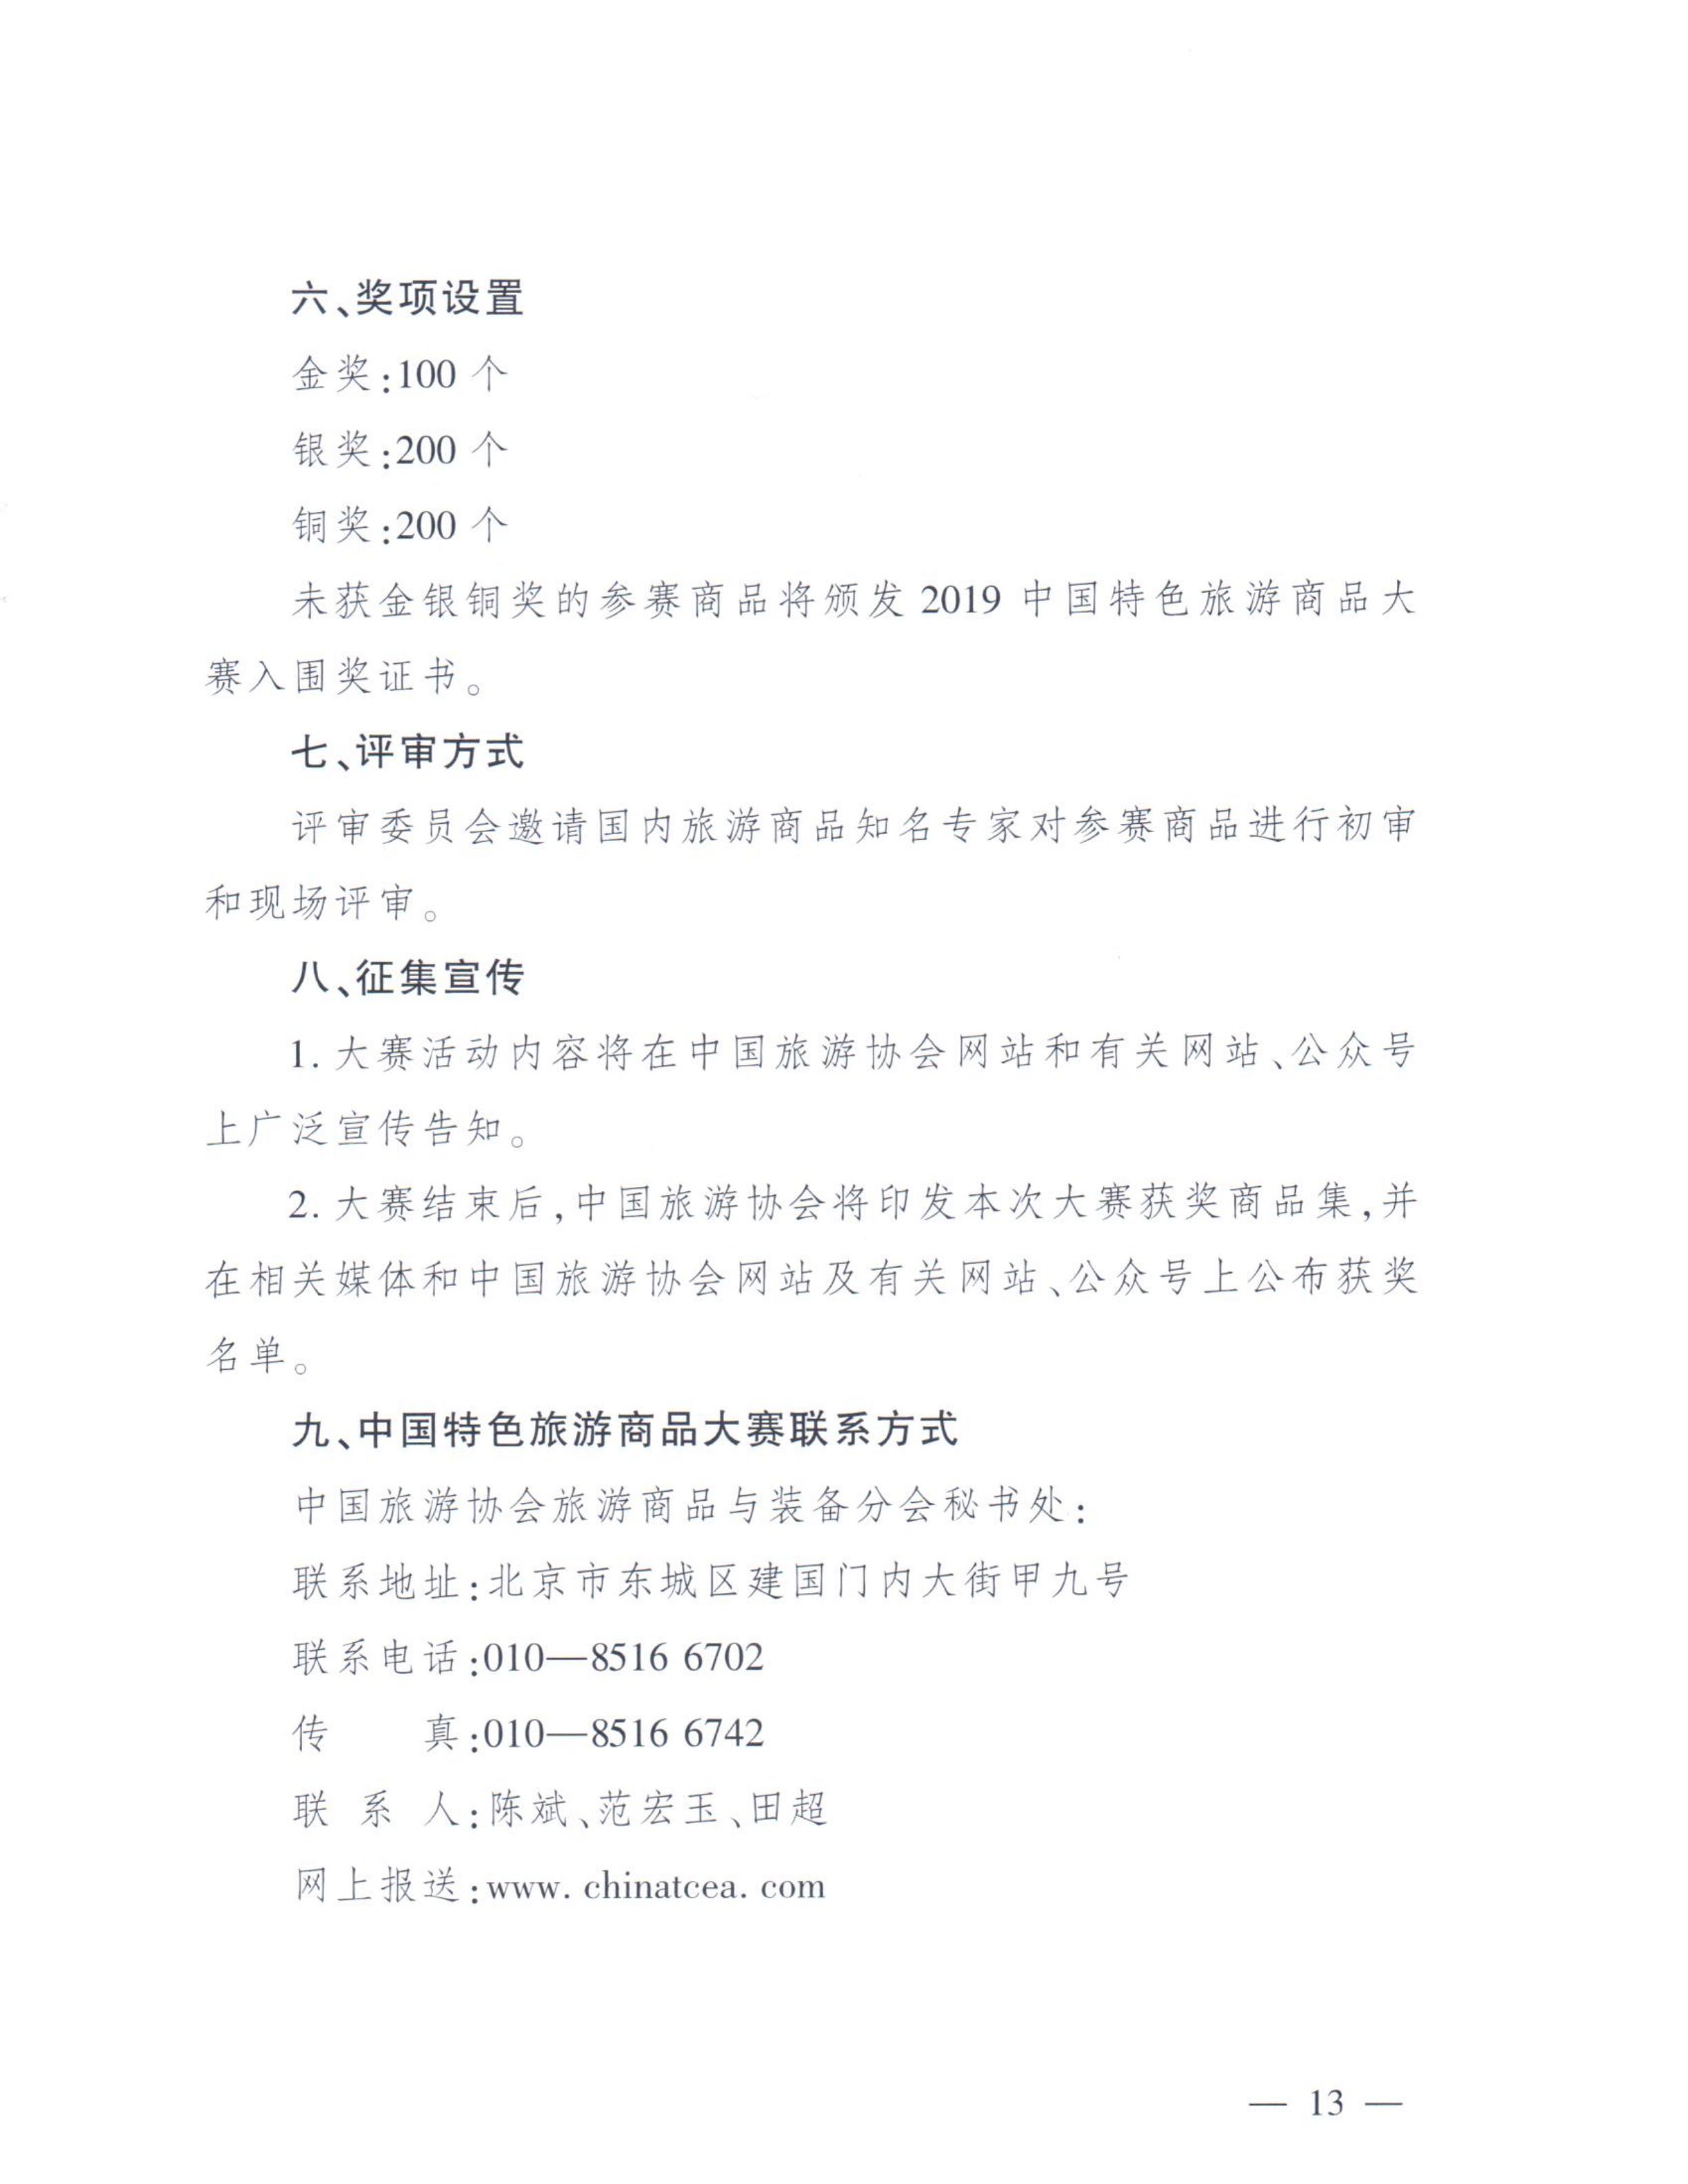 舉辦2019中國特色旅游商品大賽的通知-9-舉辦2019中國特色旅游商品大賽的通知-9_12